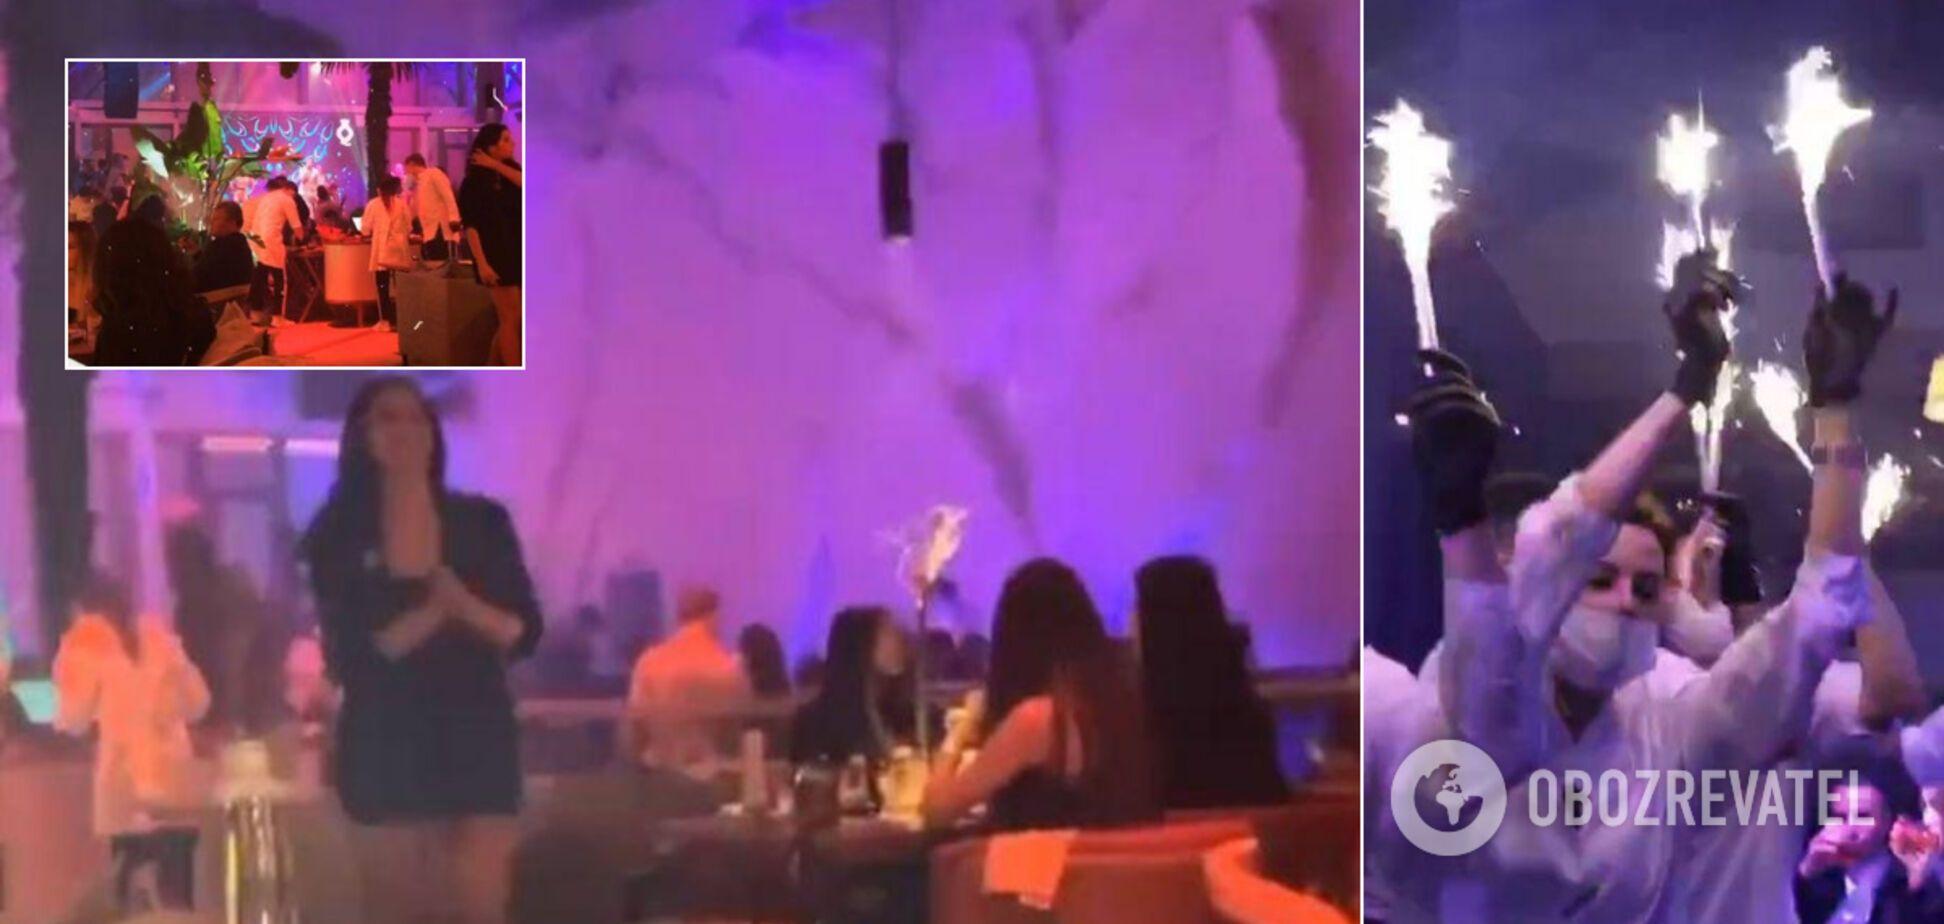 Элитный ночной клуб в Киеве 'забил' на карантин: в сеть попали фото и видео с вечеринки